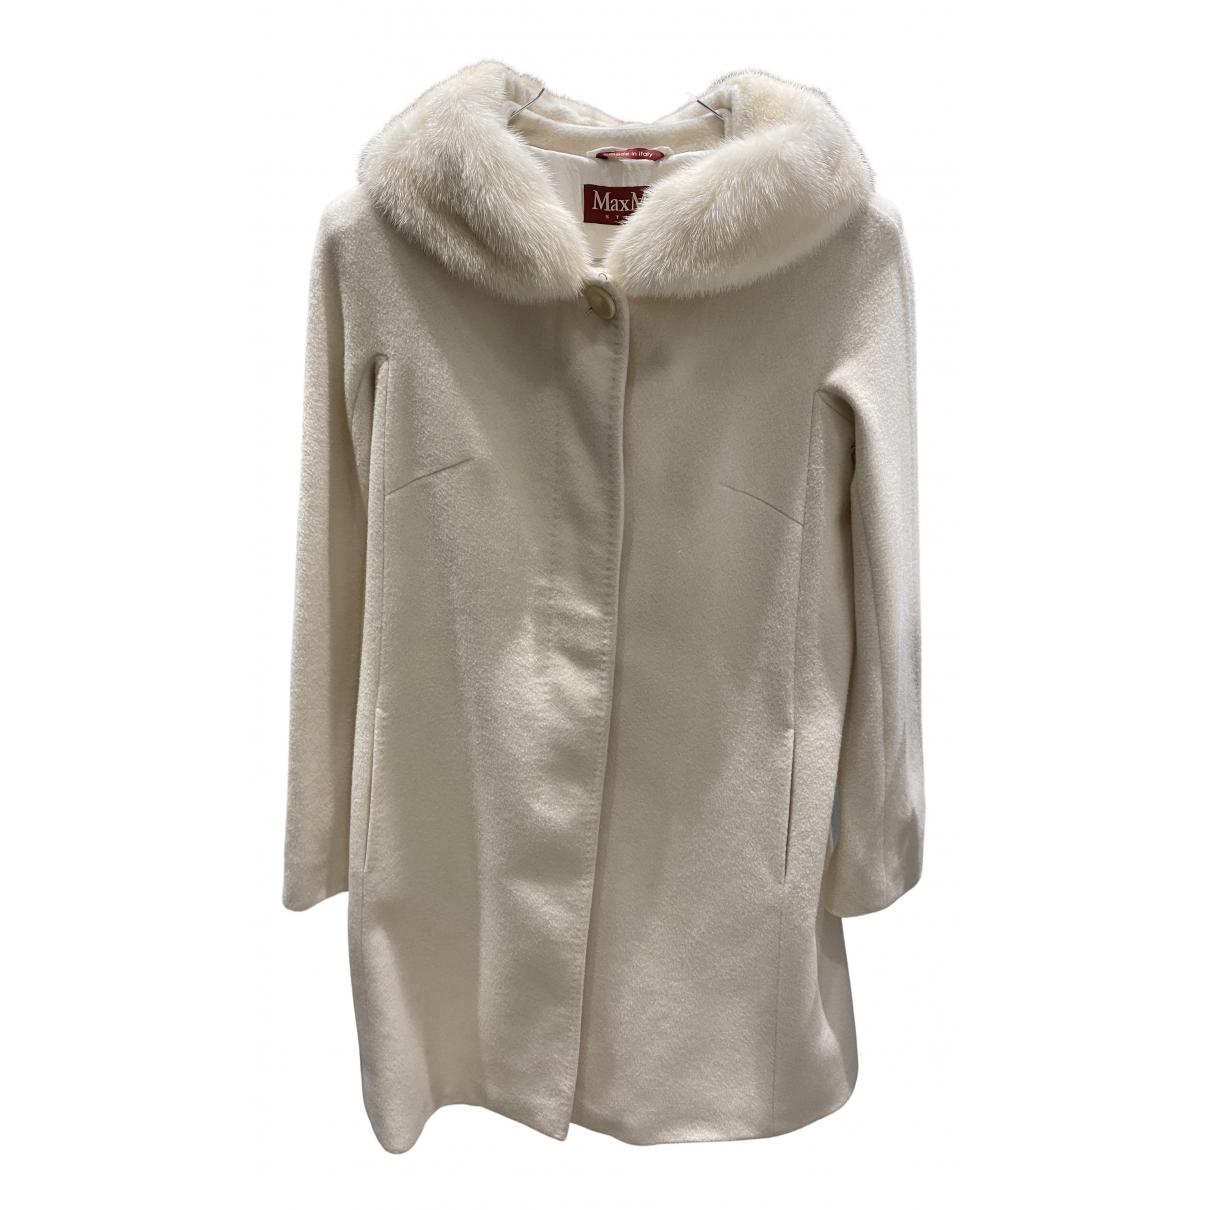 Max Mara Studio - Manteau   pour femme en laine - blanc